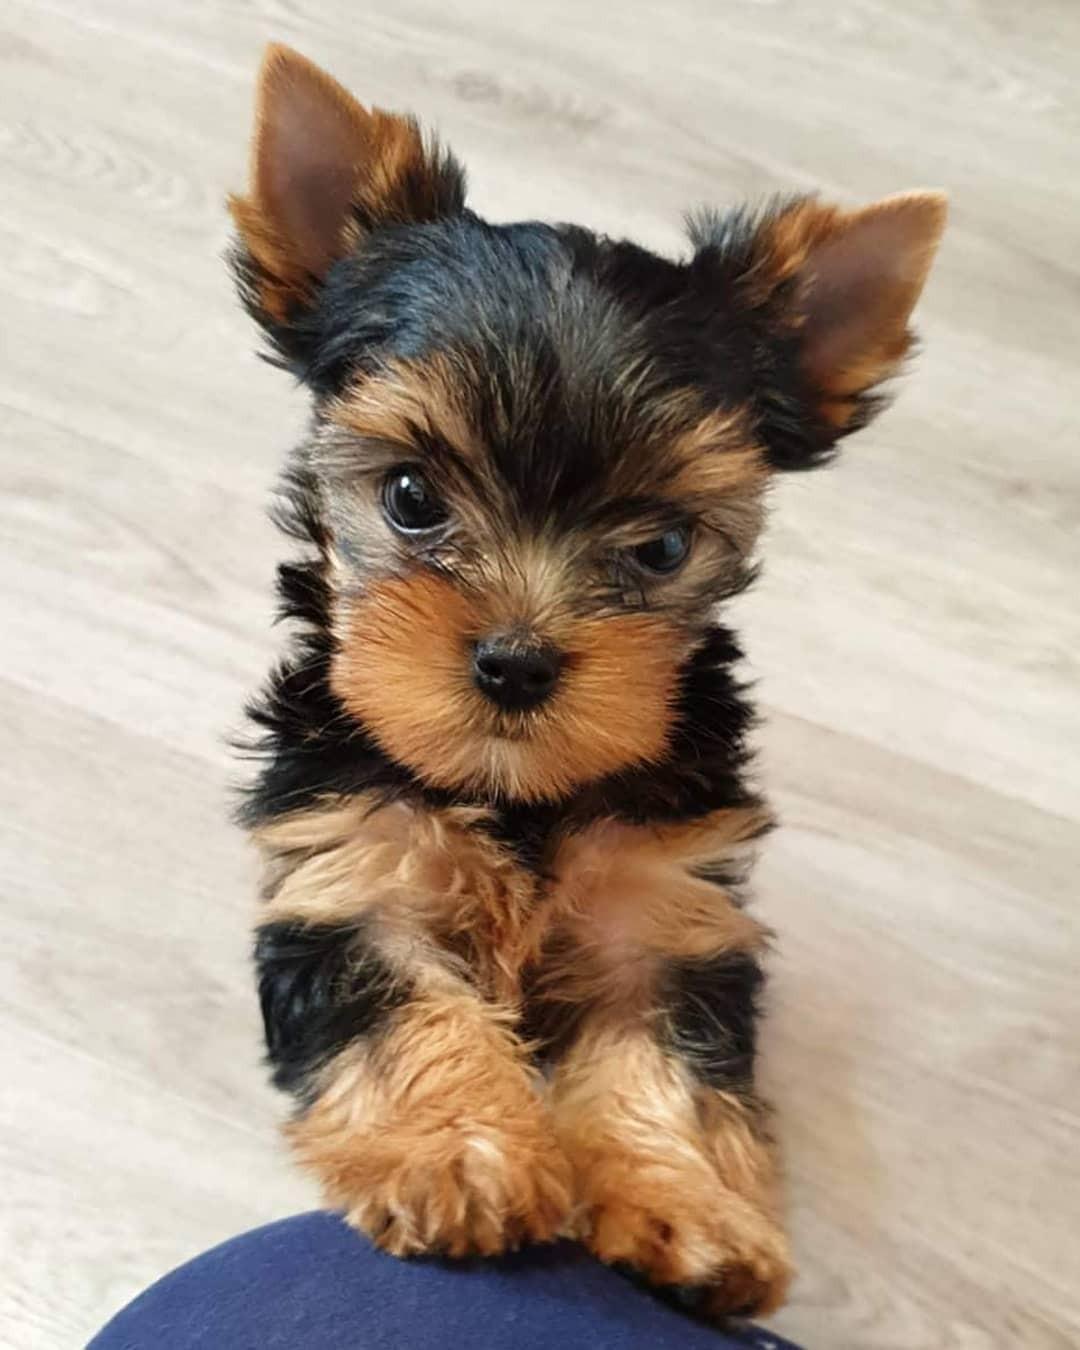 Yorkie Puppies Indiana : yorkie, puppies, indiana, Yorkshire, Terrier, Puppies, Michigan, City,, #333966